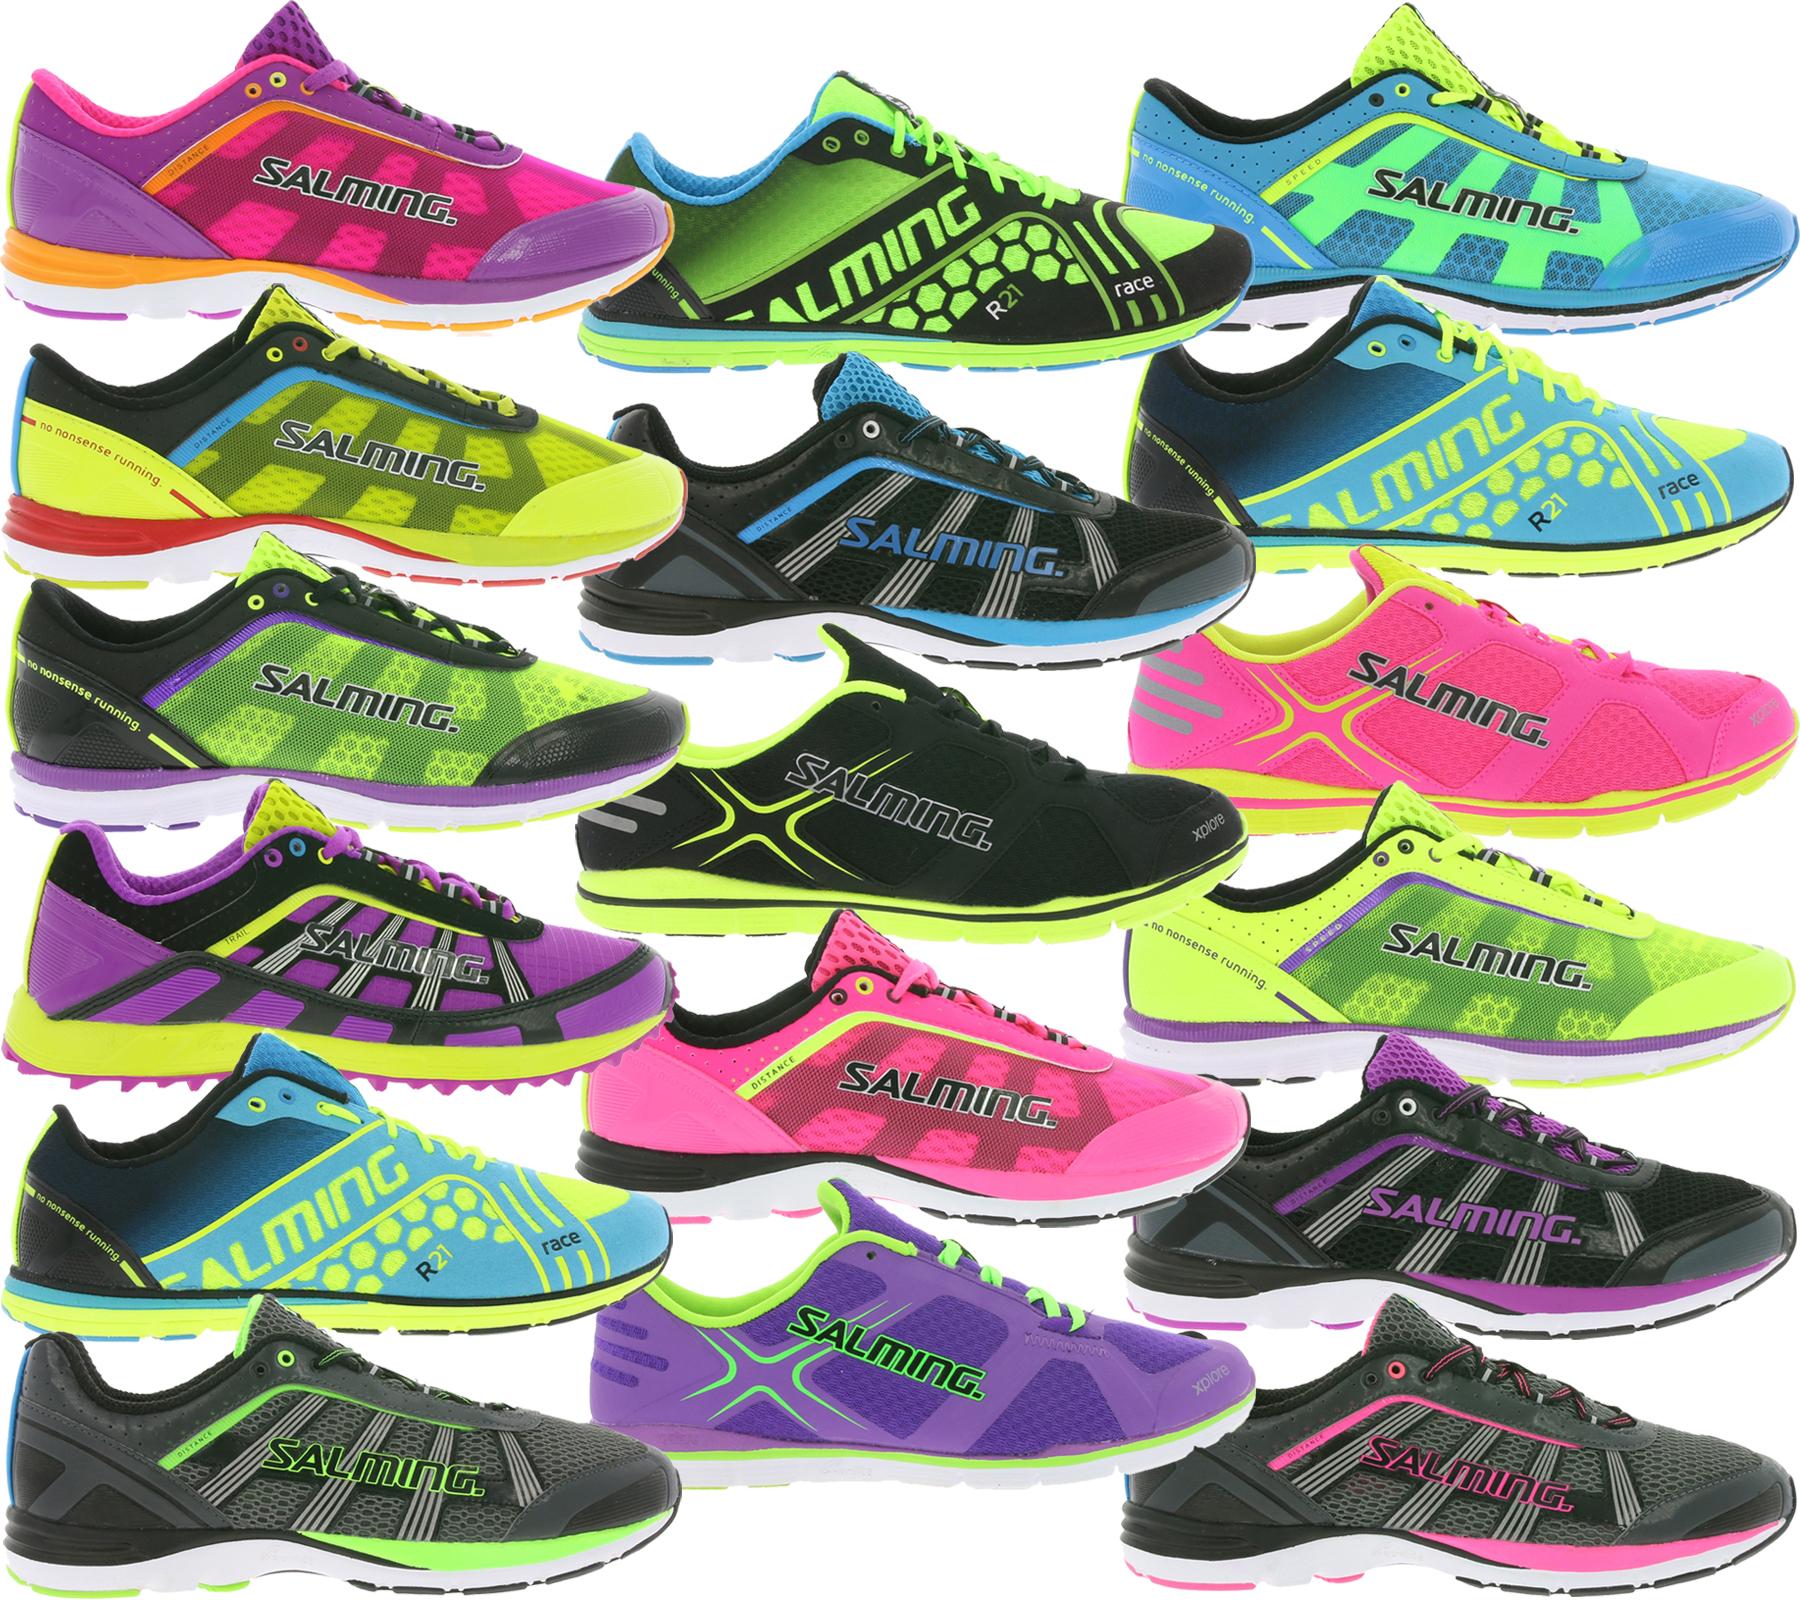 SALMING Laufschuhe für Damen und Herren - viele Modelle und Größen 19,99€ @ Outlet46